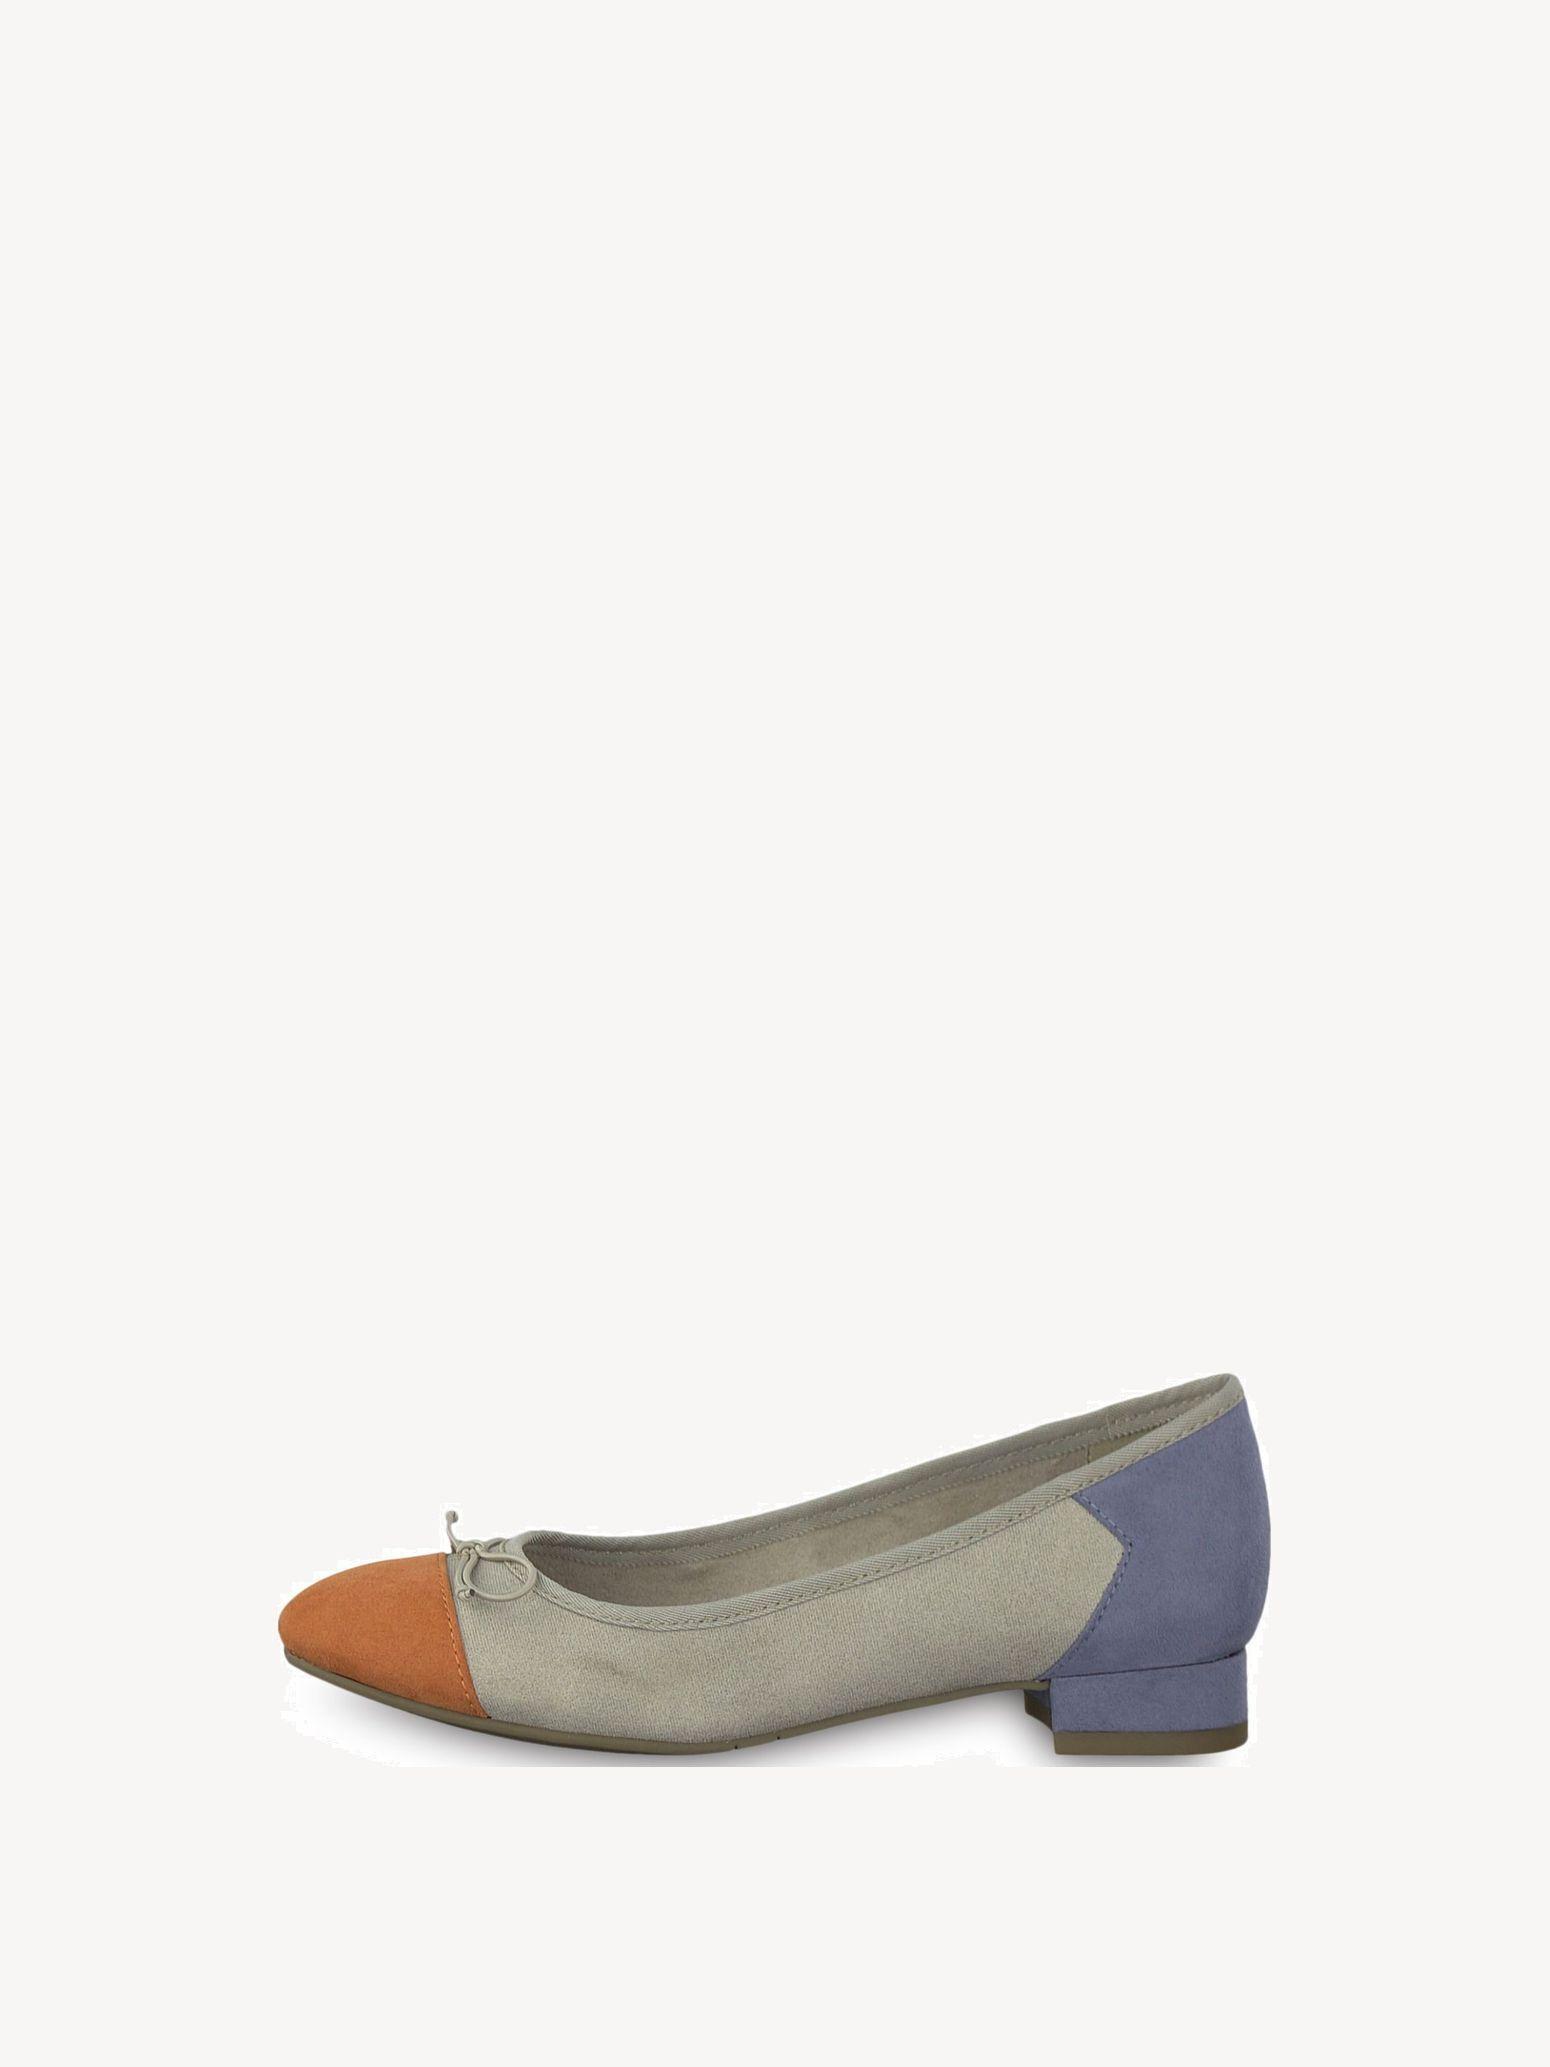 Sandales Pour Les Femmes En Vente, Chameau, Daim, 2017, 35 36 37 38 40 41 Cendres